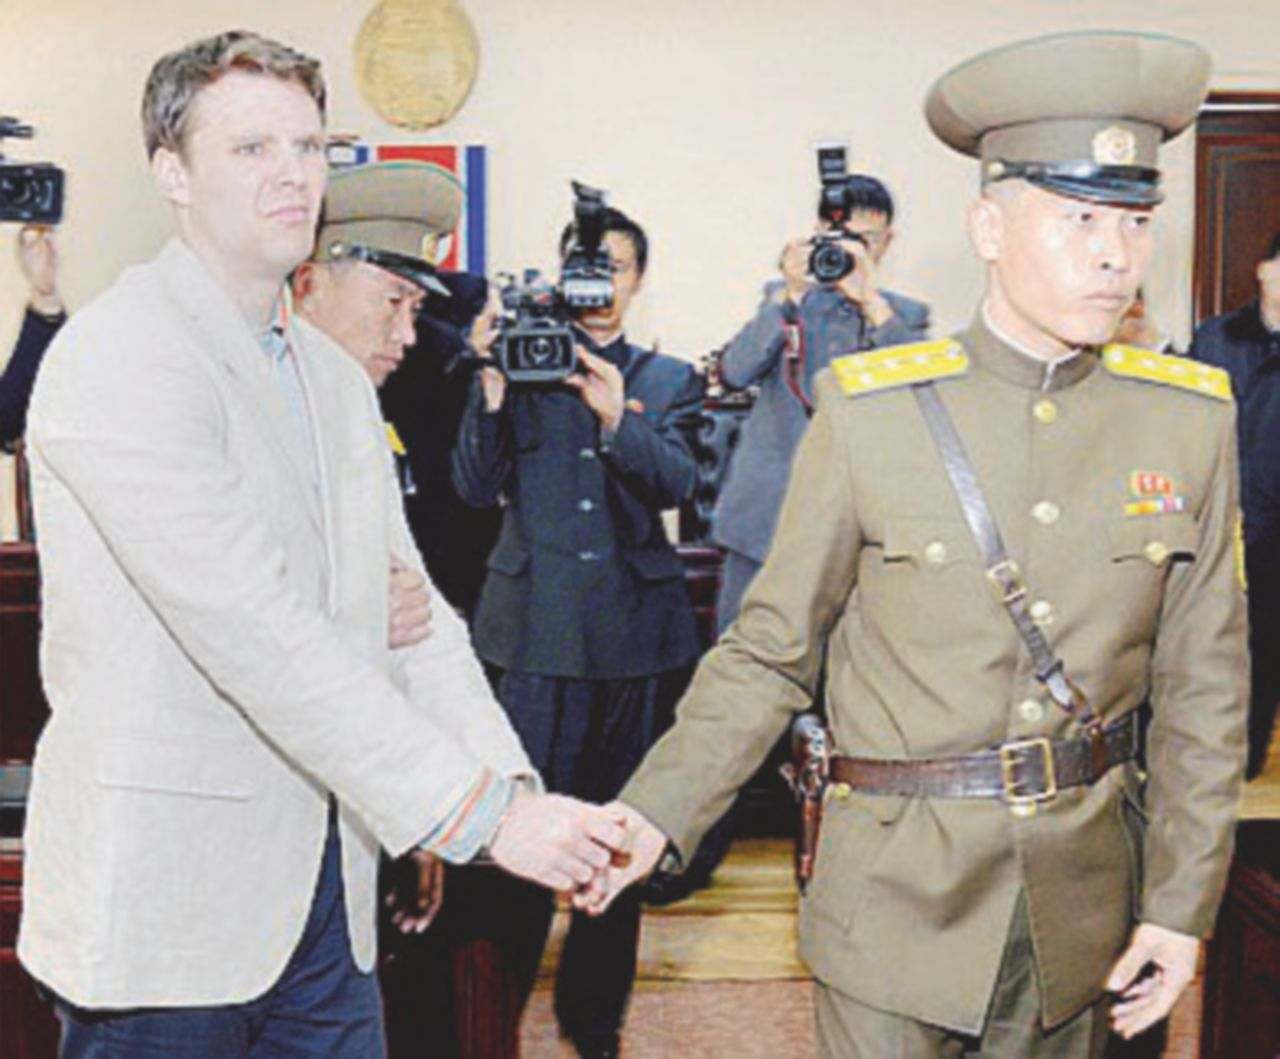 Il sonnifero di Kim mette ko studente americano: lo liberano, ma è in coma